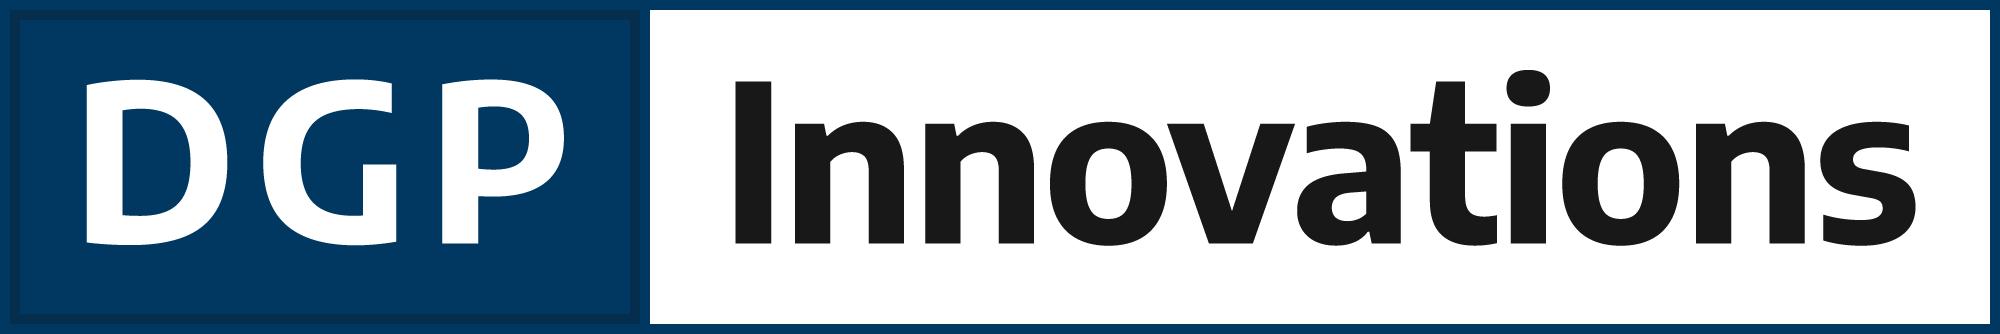 DGP Innovations Logo